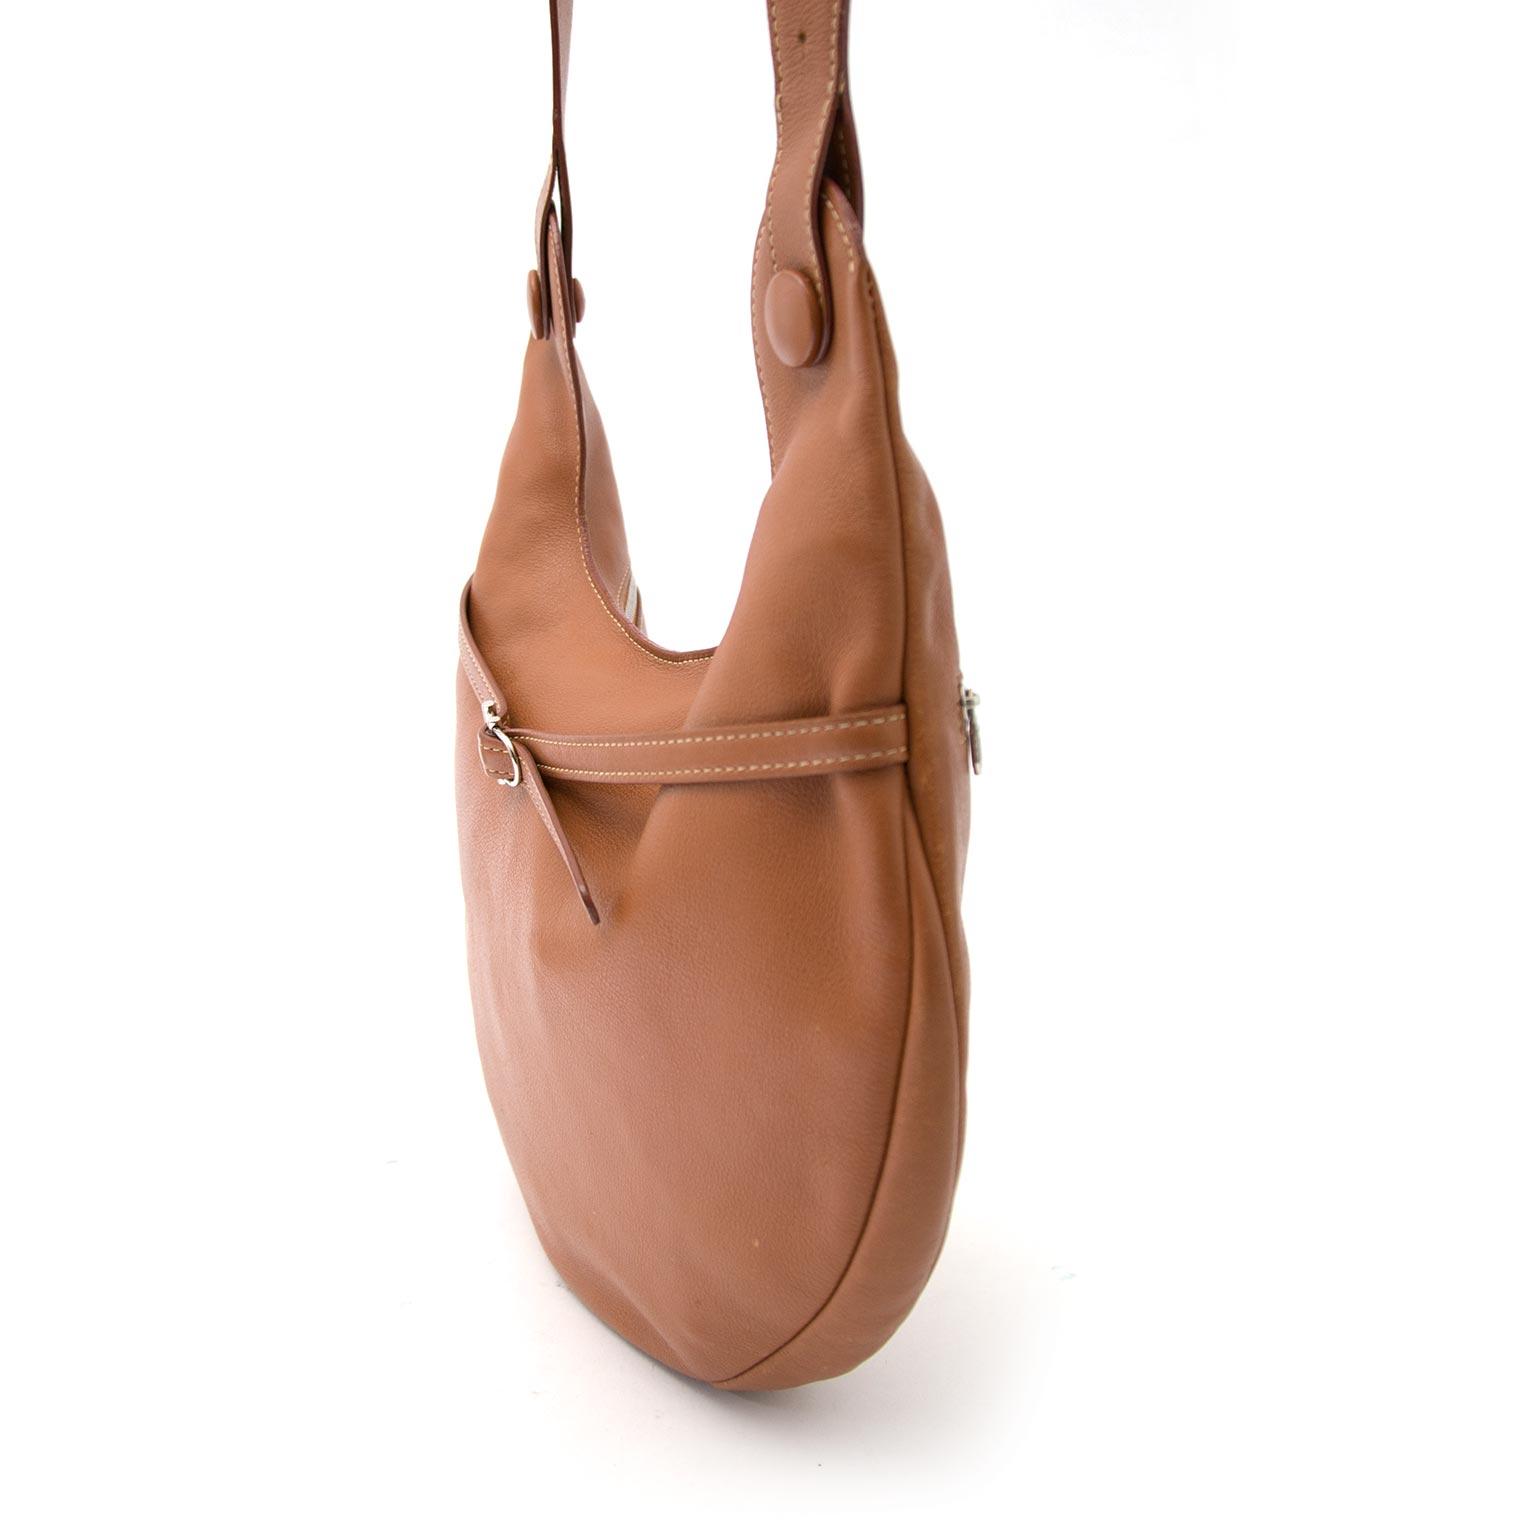 Maintenant en ligne sur www.labellov.com un soconde-main vrai Delvaux Railway bag au meilleur prix.